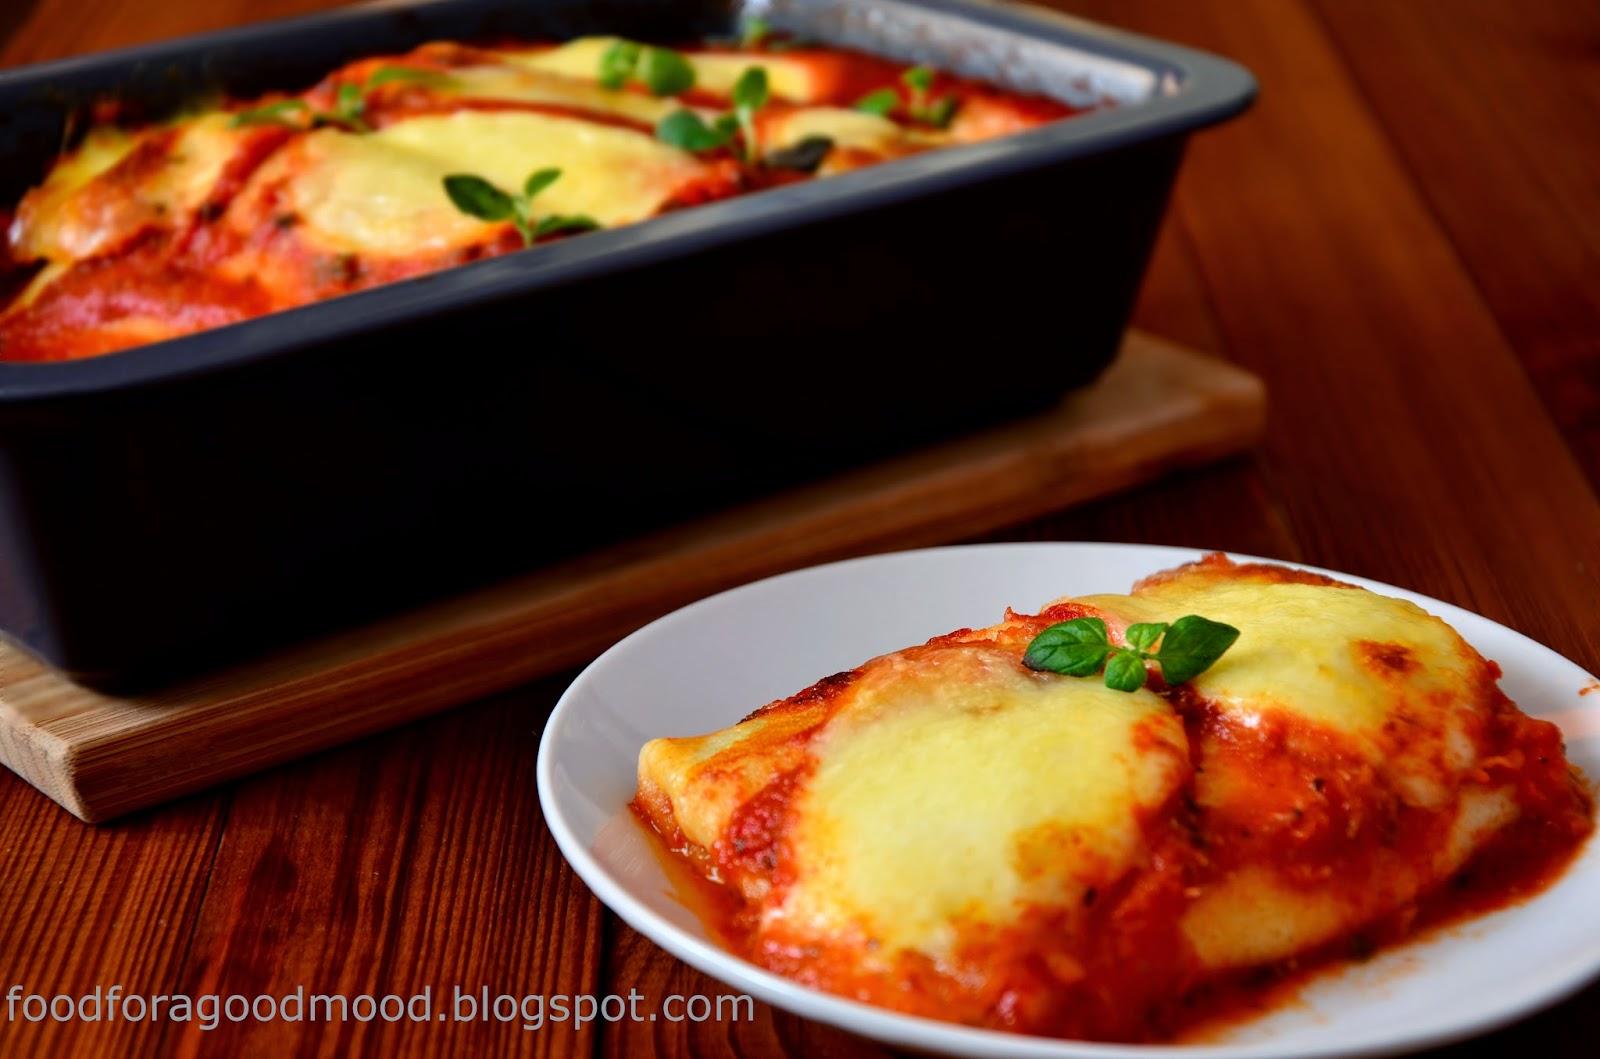 Samo zdrowie! Niskokaloryczne i bardzo pożywne danie. Idealna propozycja dla wegetarian, ale gwarantuję, że mięsożercy nie będą czuć się zawiedzeni. Nadzienie szpinakowe subtelnie podkręca pieprz cytrynowy, a naleśniki przyjemnie rozpływają się w ustach. Smaku dopełnia sos pomidorowy z dodatkiem czosnku i świeżych ziół oraz ciągnące się płaty mozzarelli.